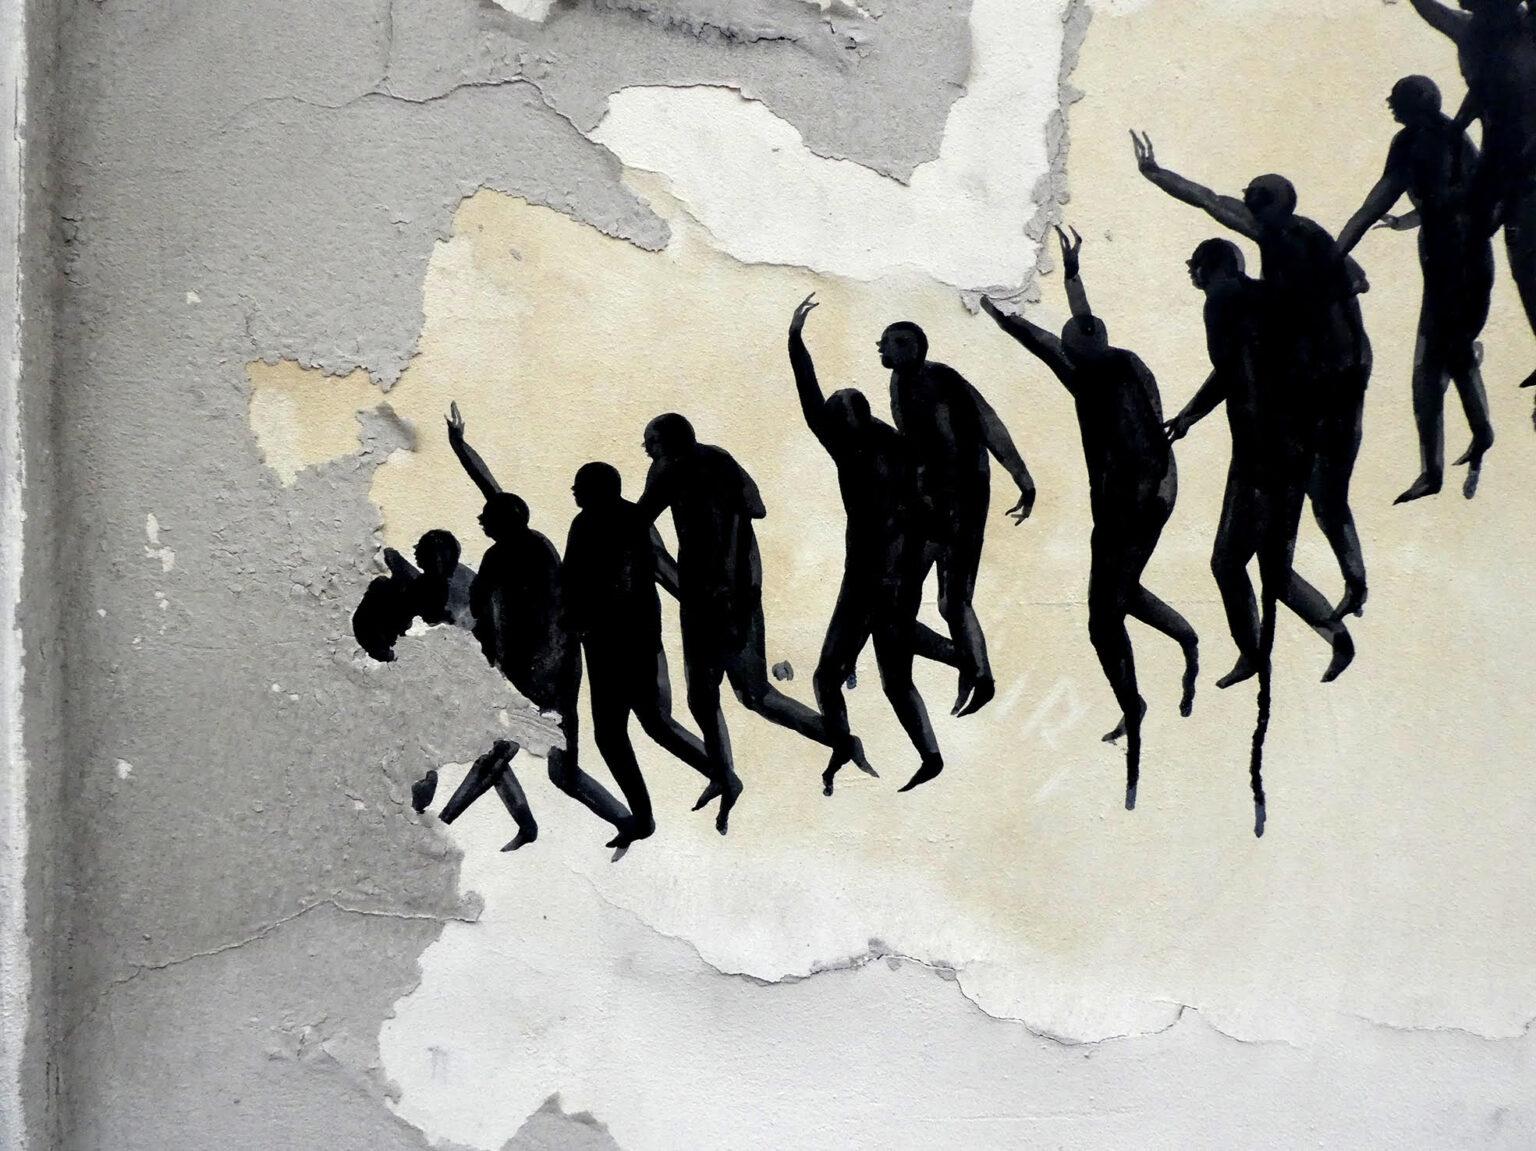 New Murals by David de la Mano in Paris, France